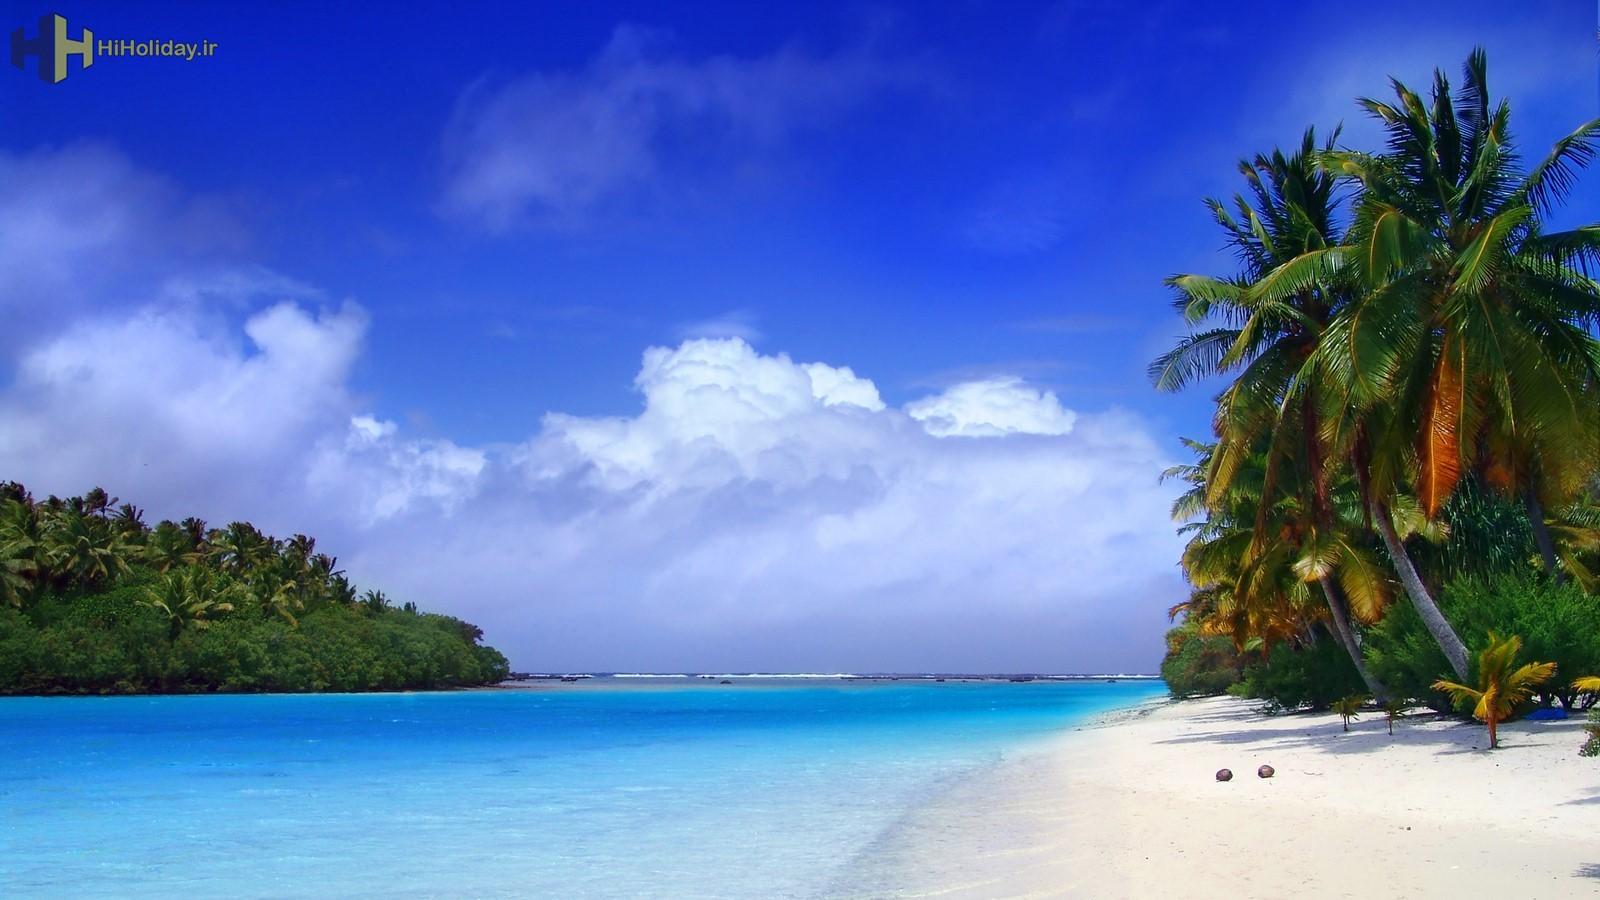 تور بالی و کوالالامپور وِیژه نوروز